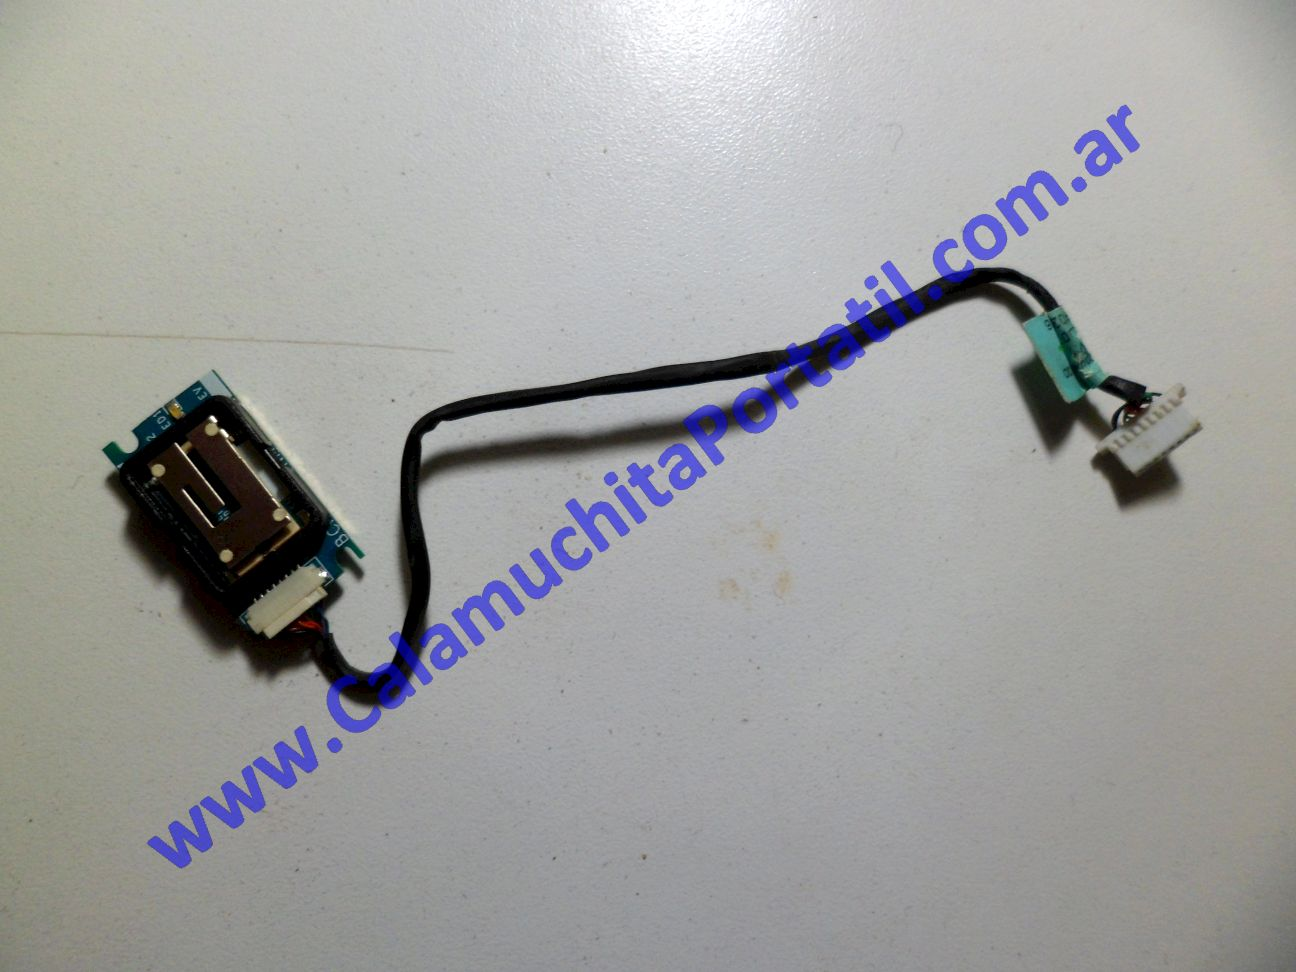 0168PBL Placa Bluetooth Compaq Presario CQ40-505la